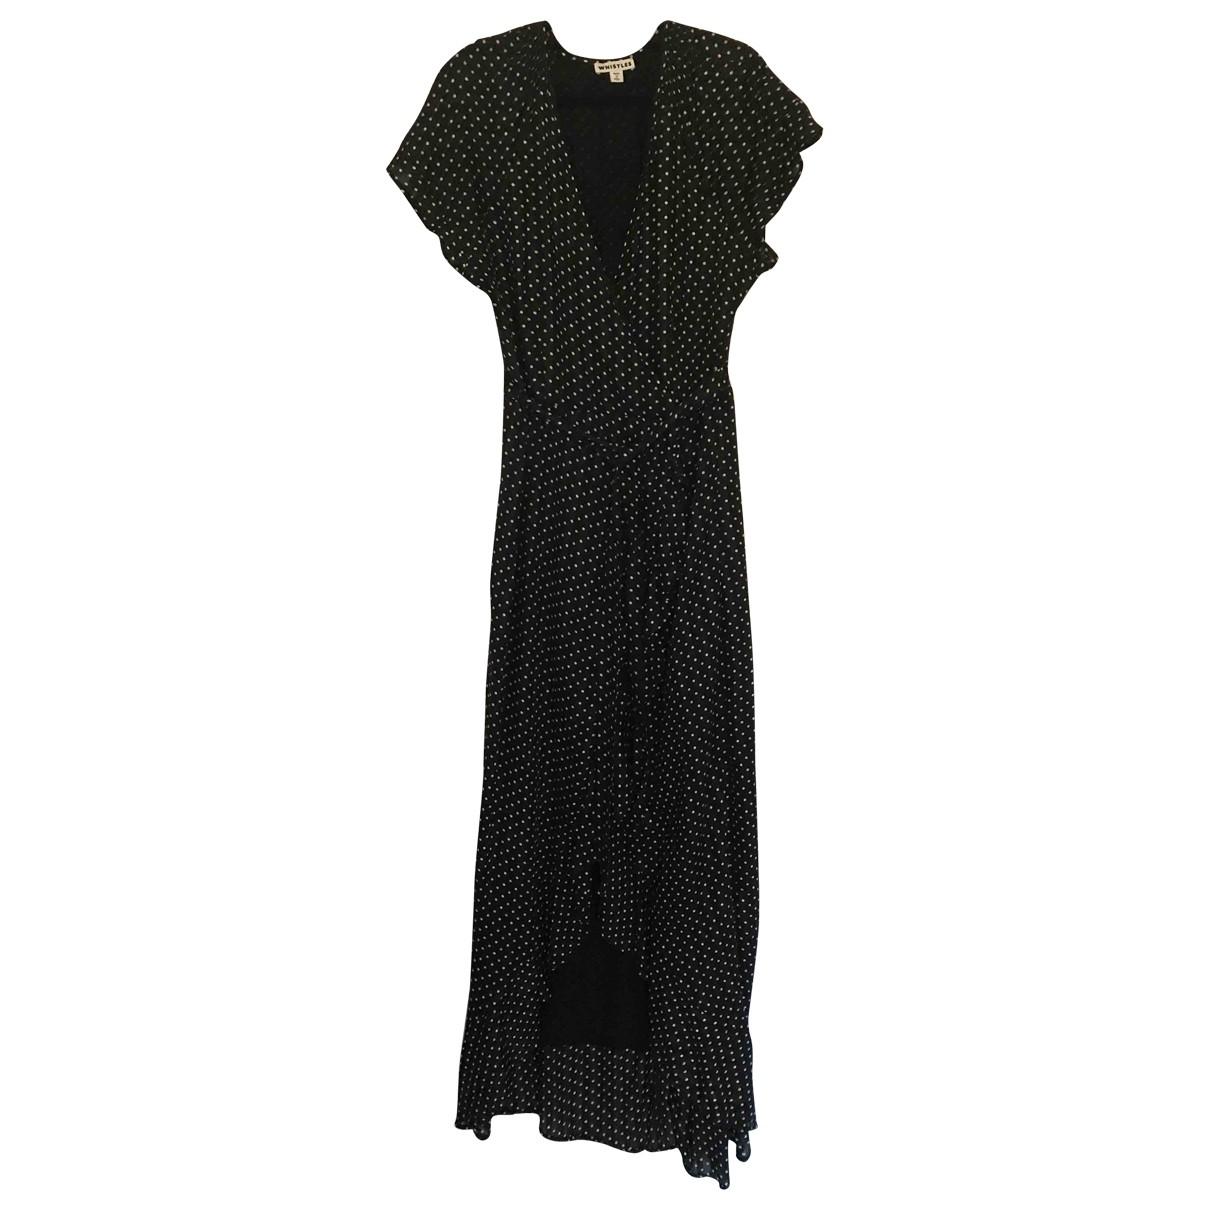 Whistles \N Black dress for Women 10 UK